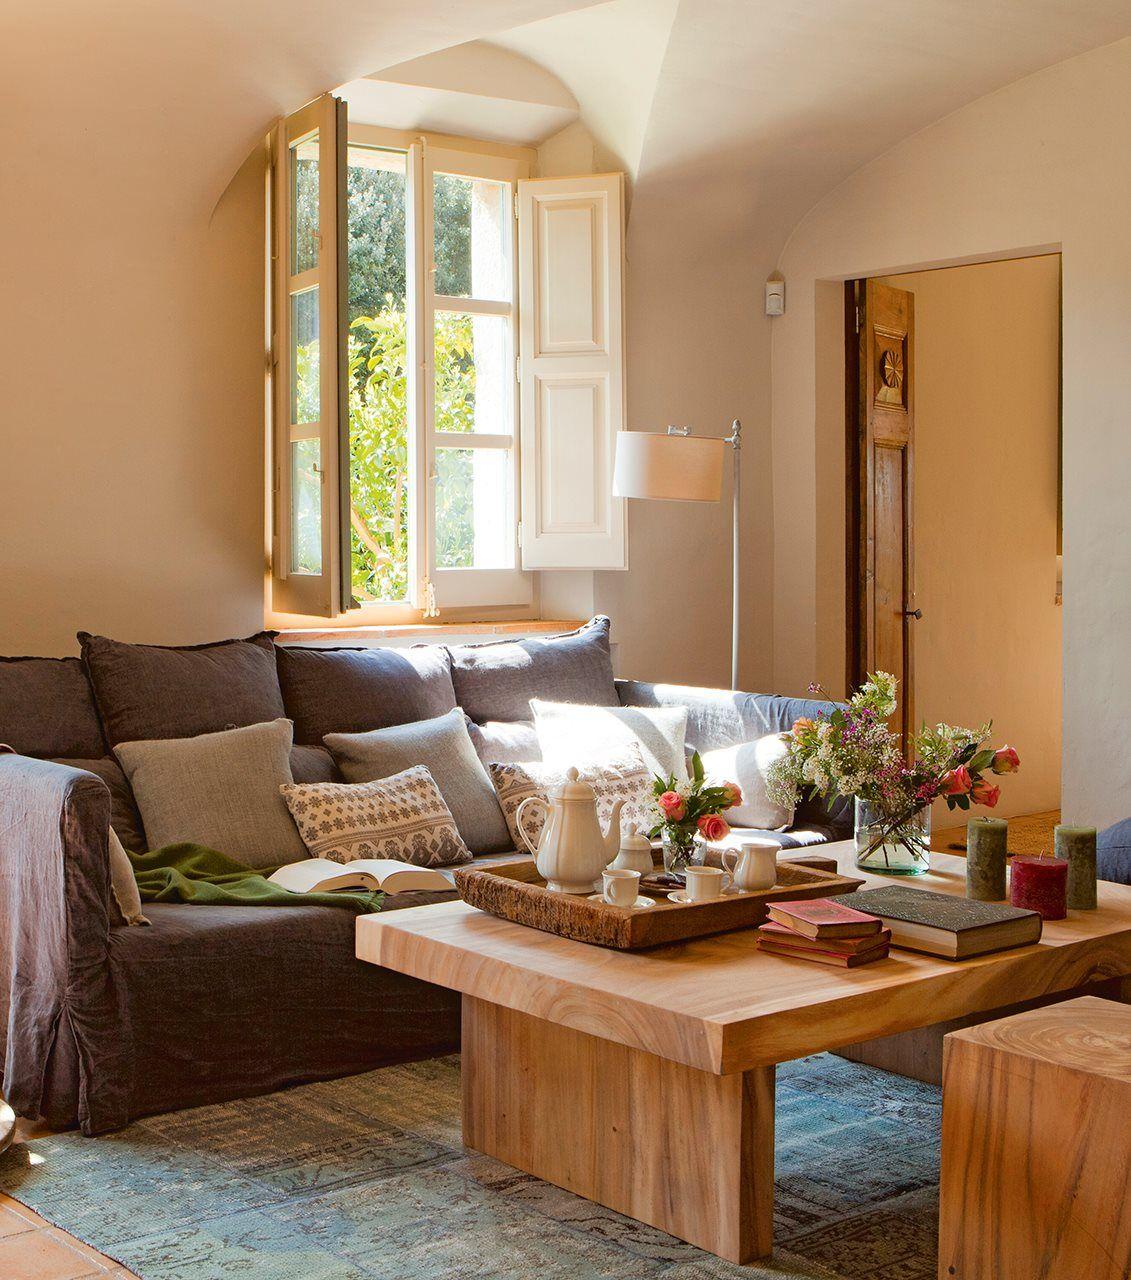 15 mesas de centro que ayudan a organizar el saln Living rooms